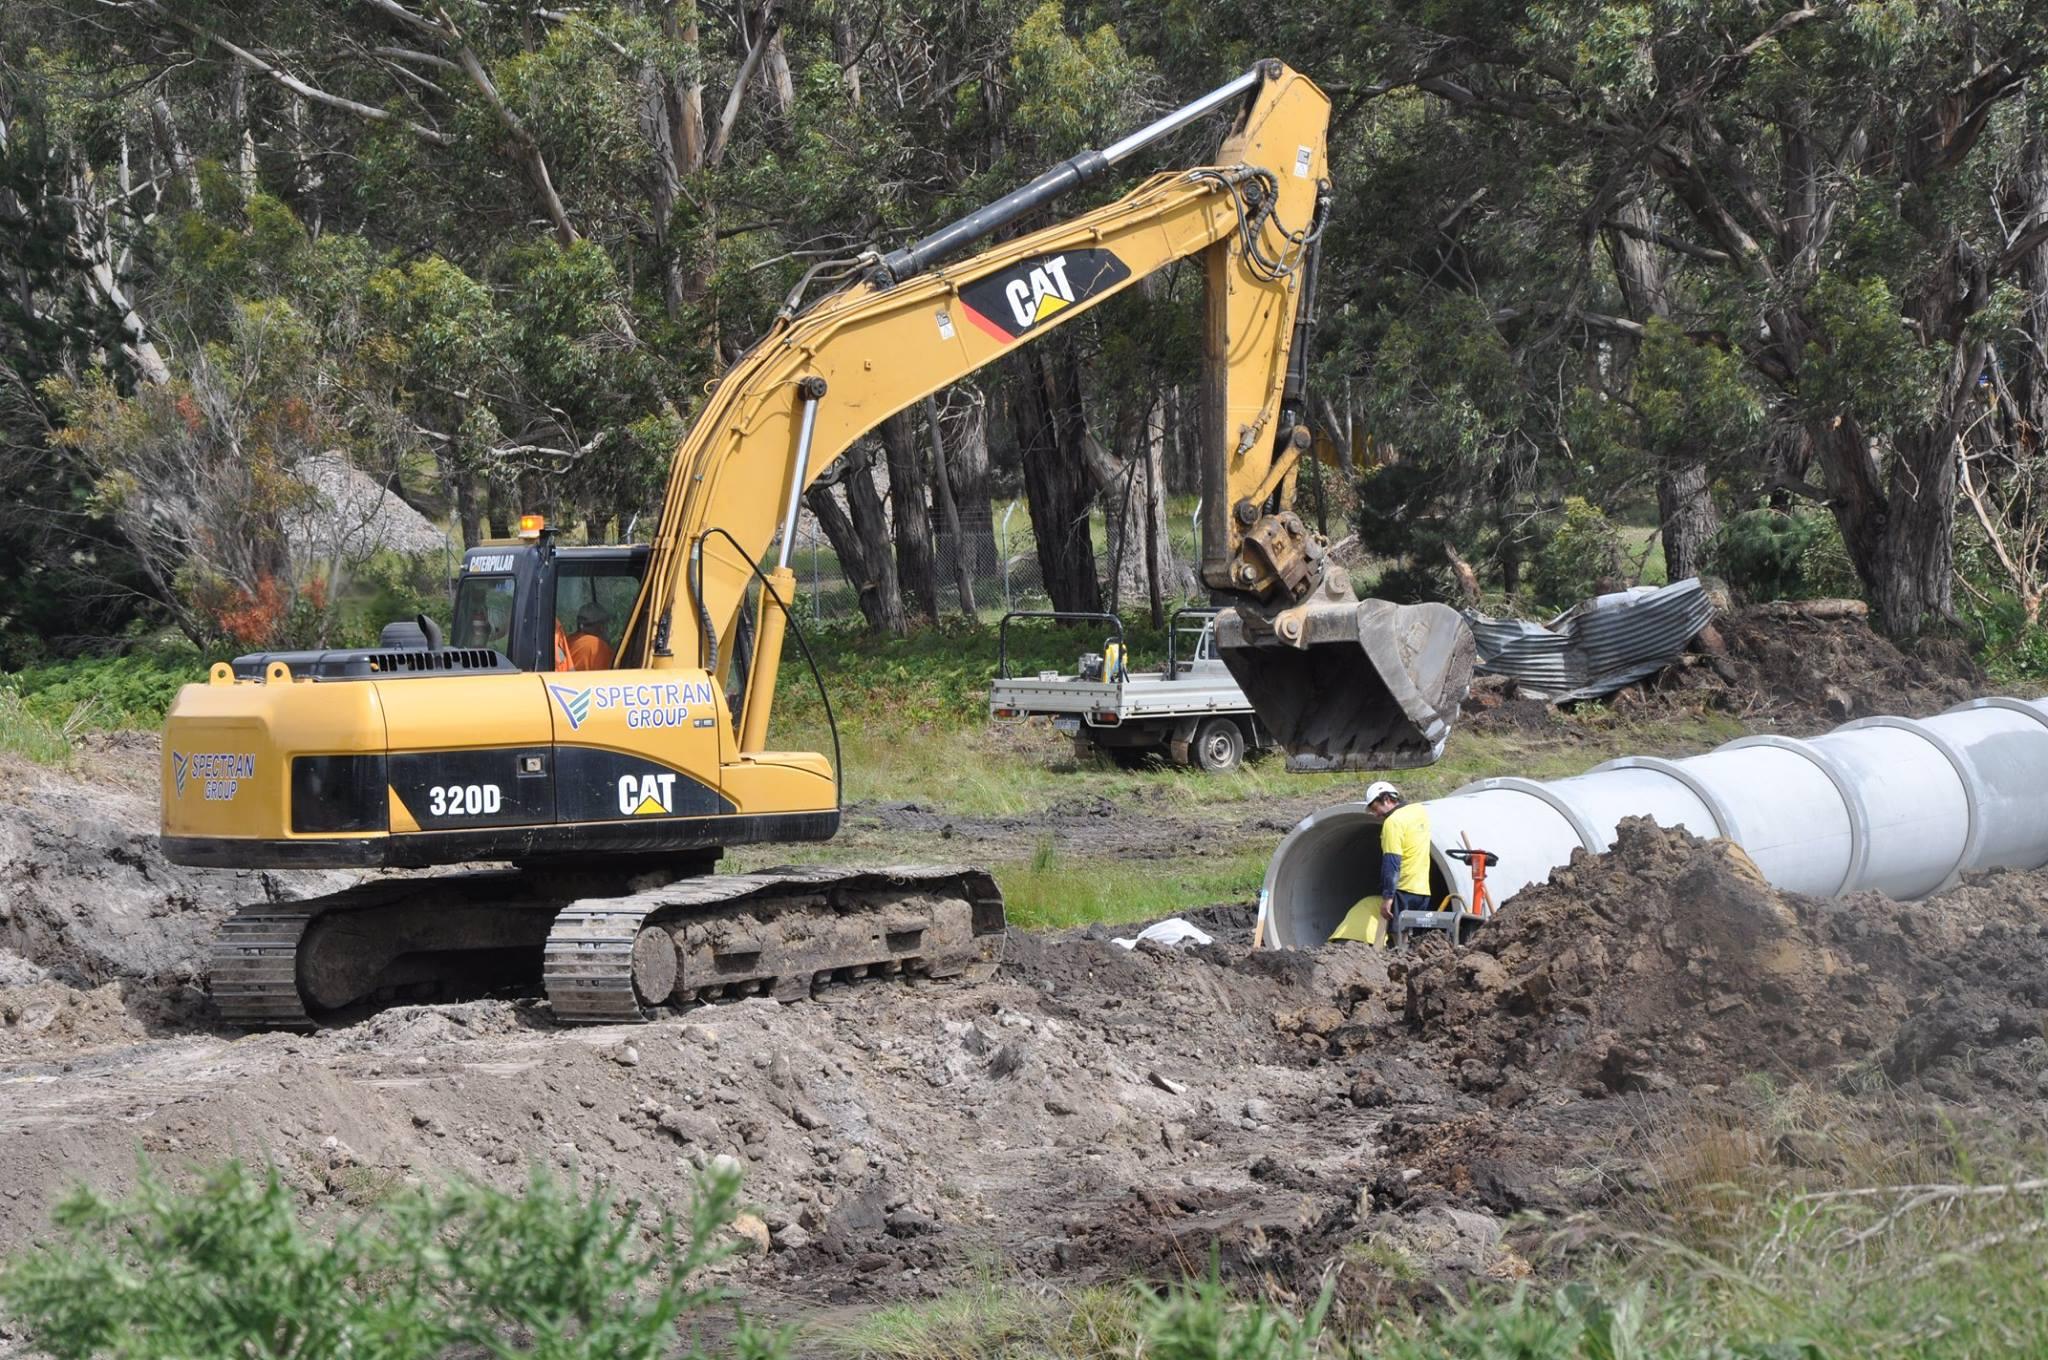 Spectran Group Pipeline Works Hobart